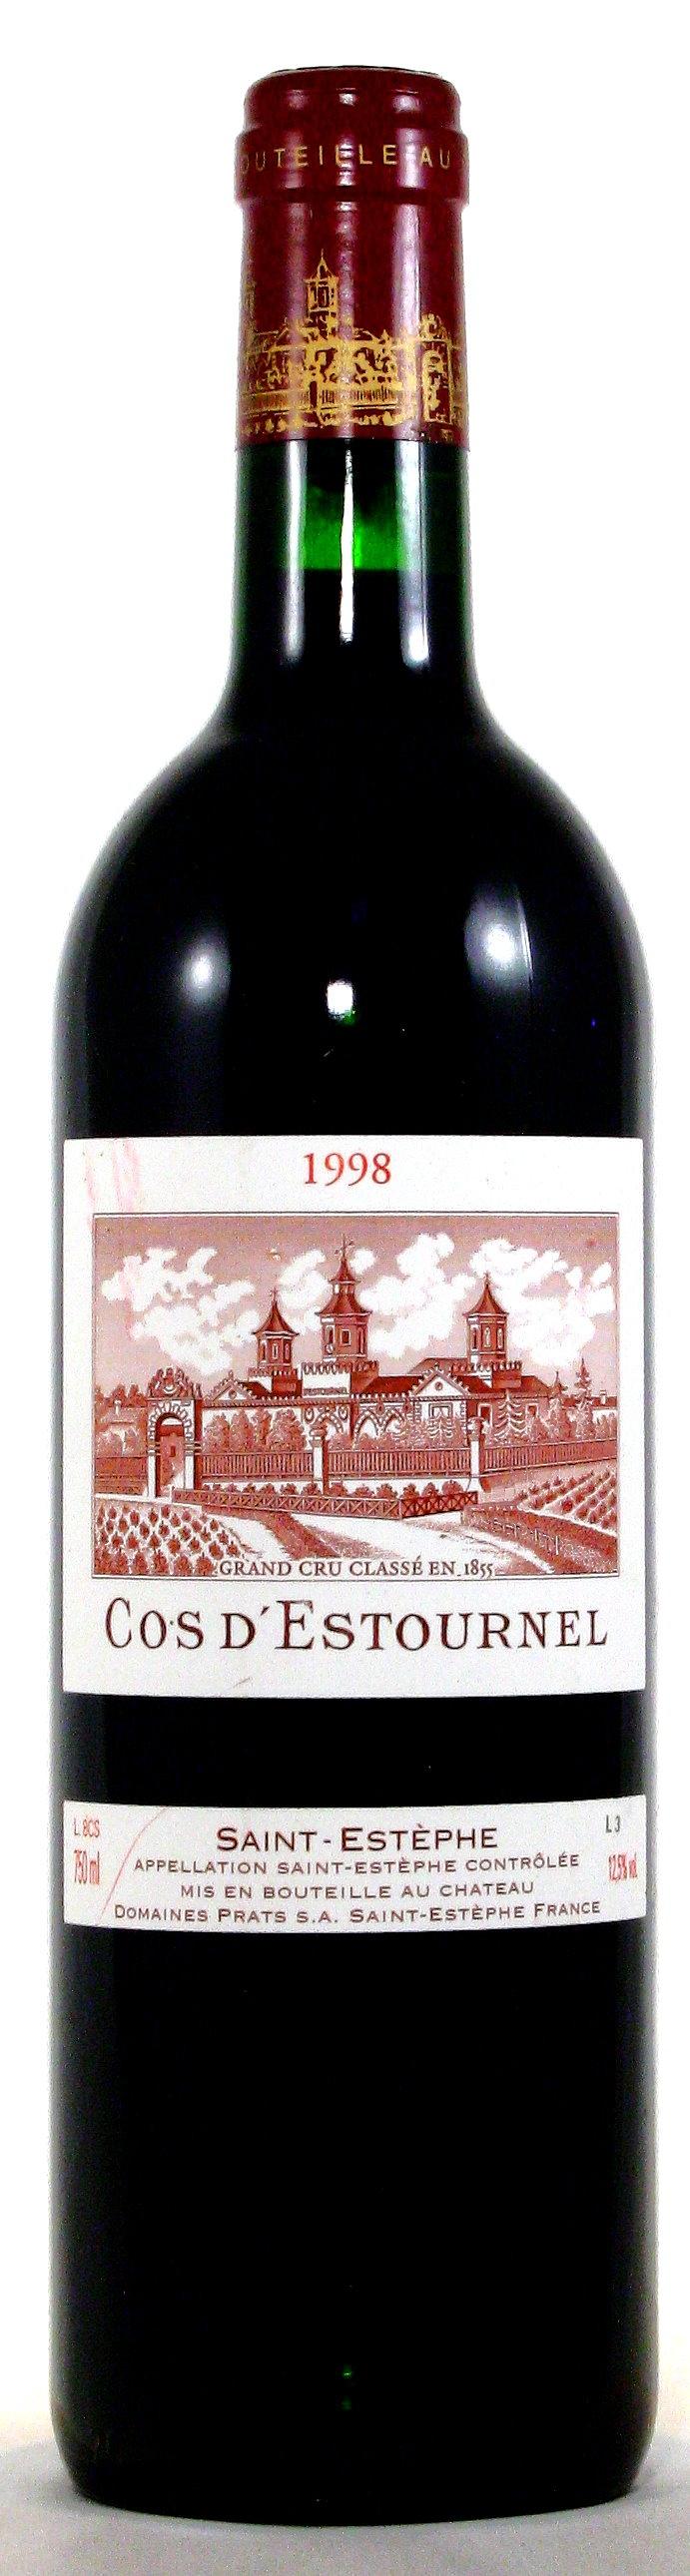 1998 Château Cos d'Estournel, Saint-Estephe Bordeaux